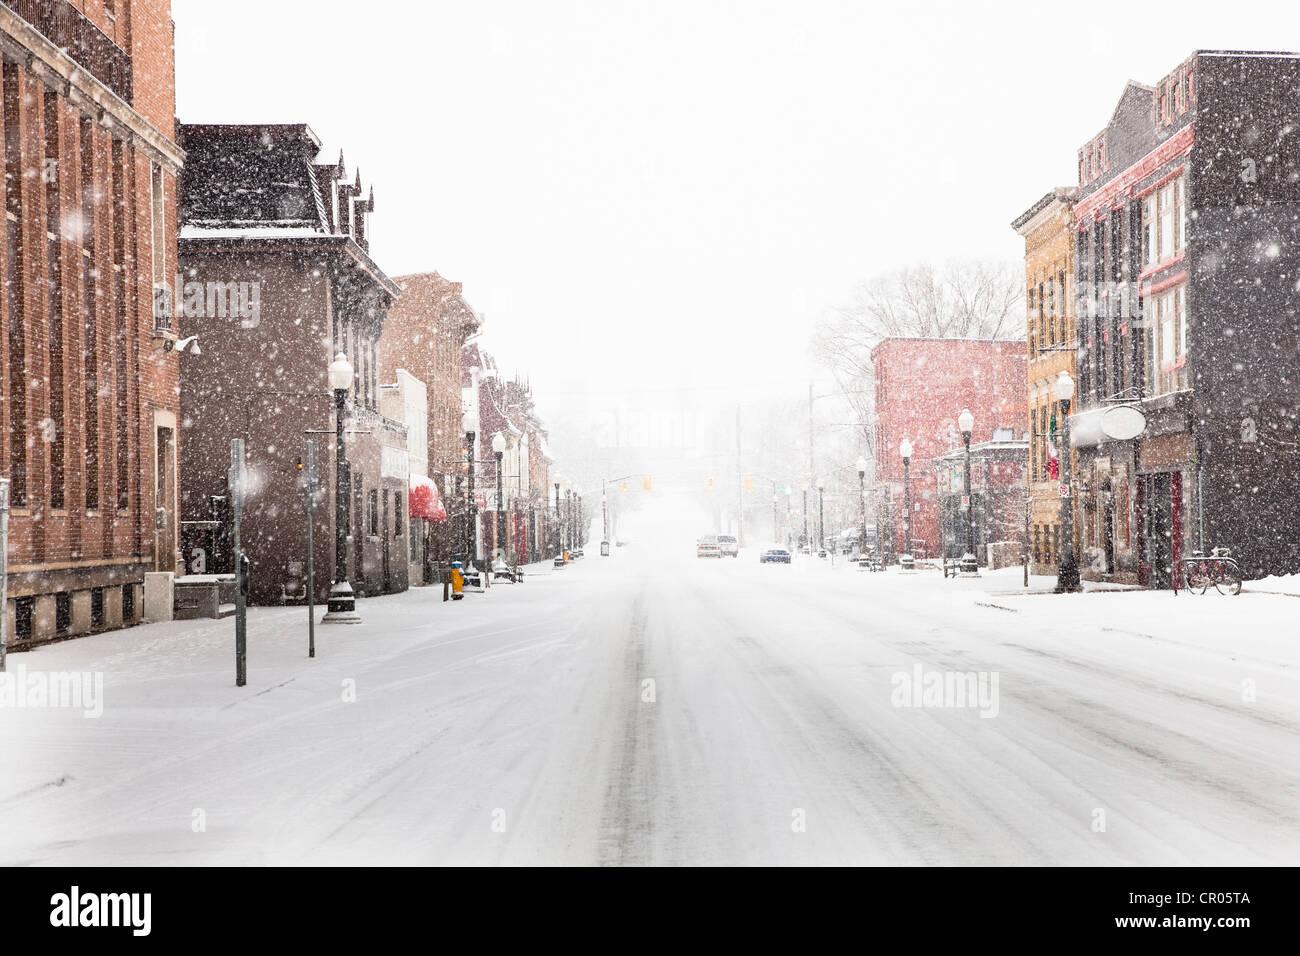 La neige qui tombe on city street Photo Stock